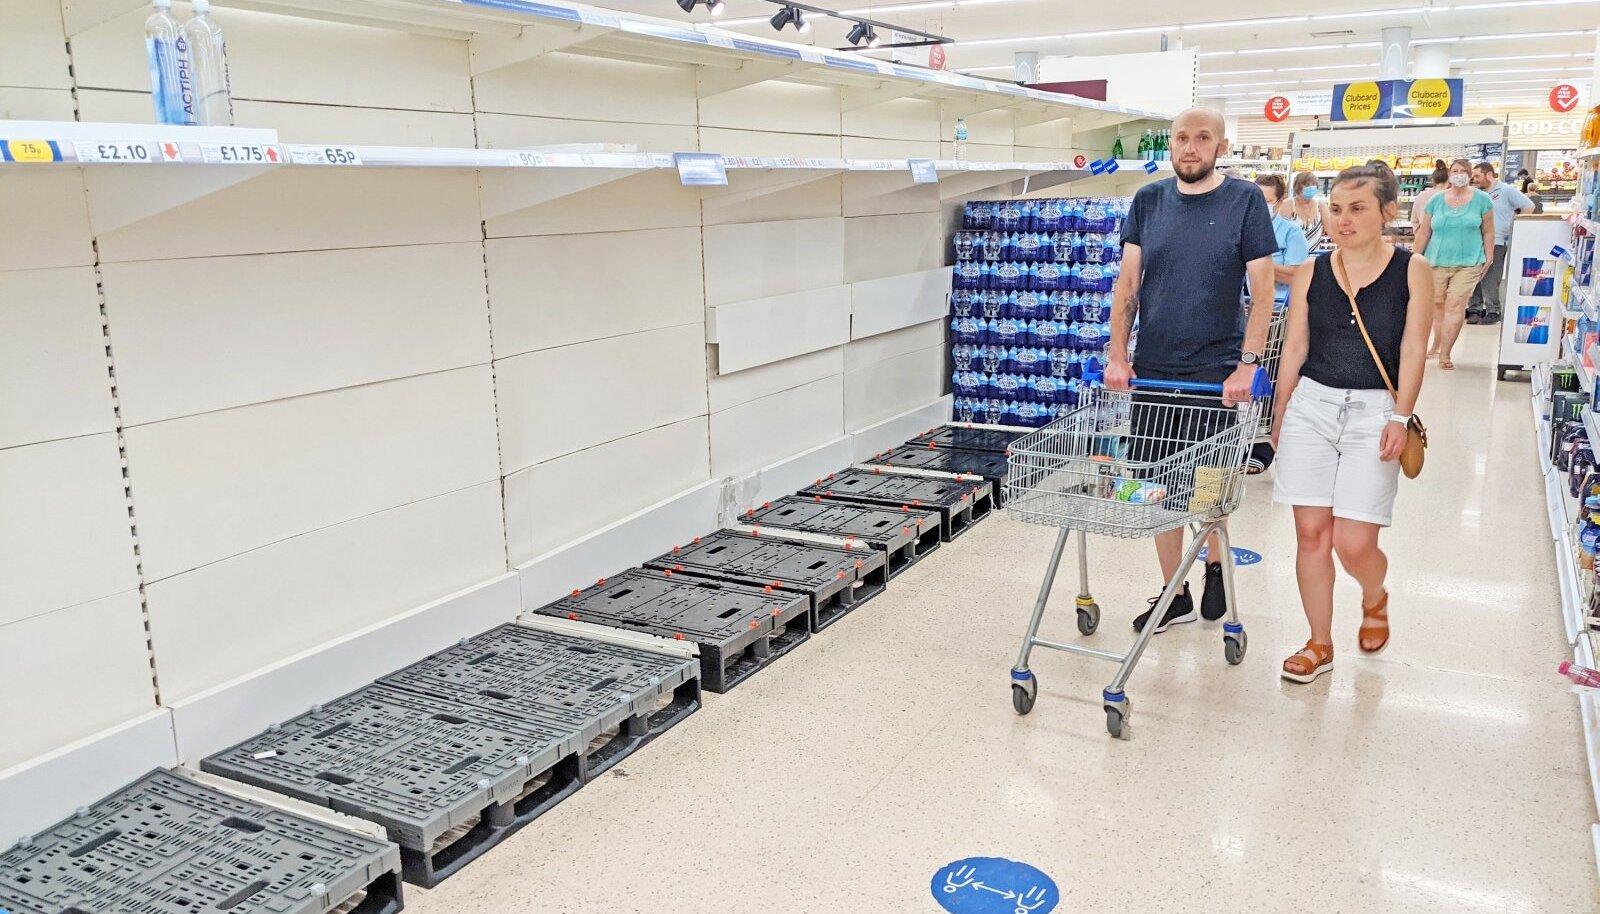 Letid tühjad. Möödunud neljapäeval avanes Kenti supermarketi riiulite vahel selline pilt.